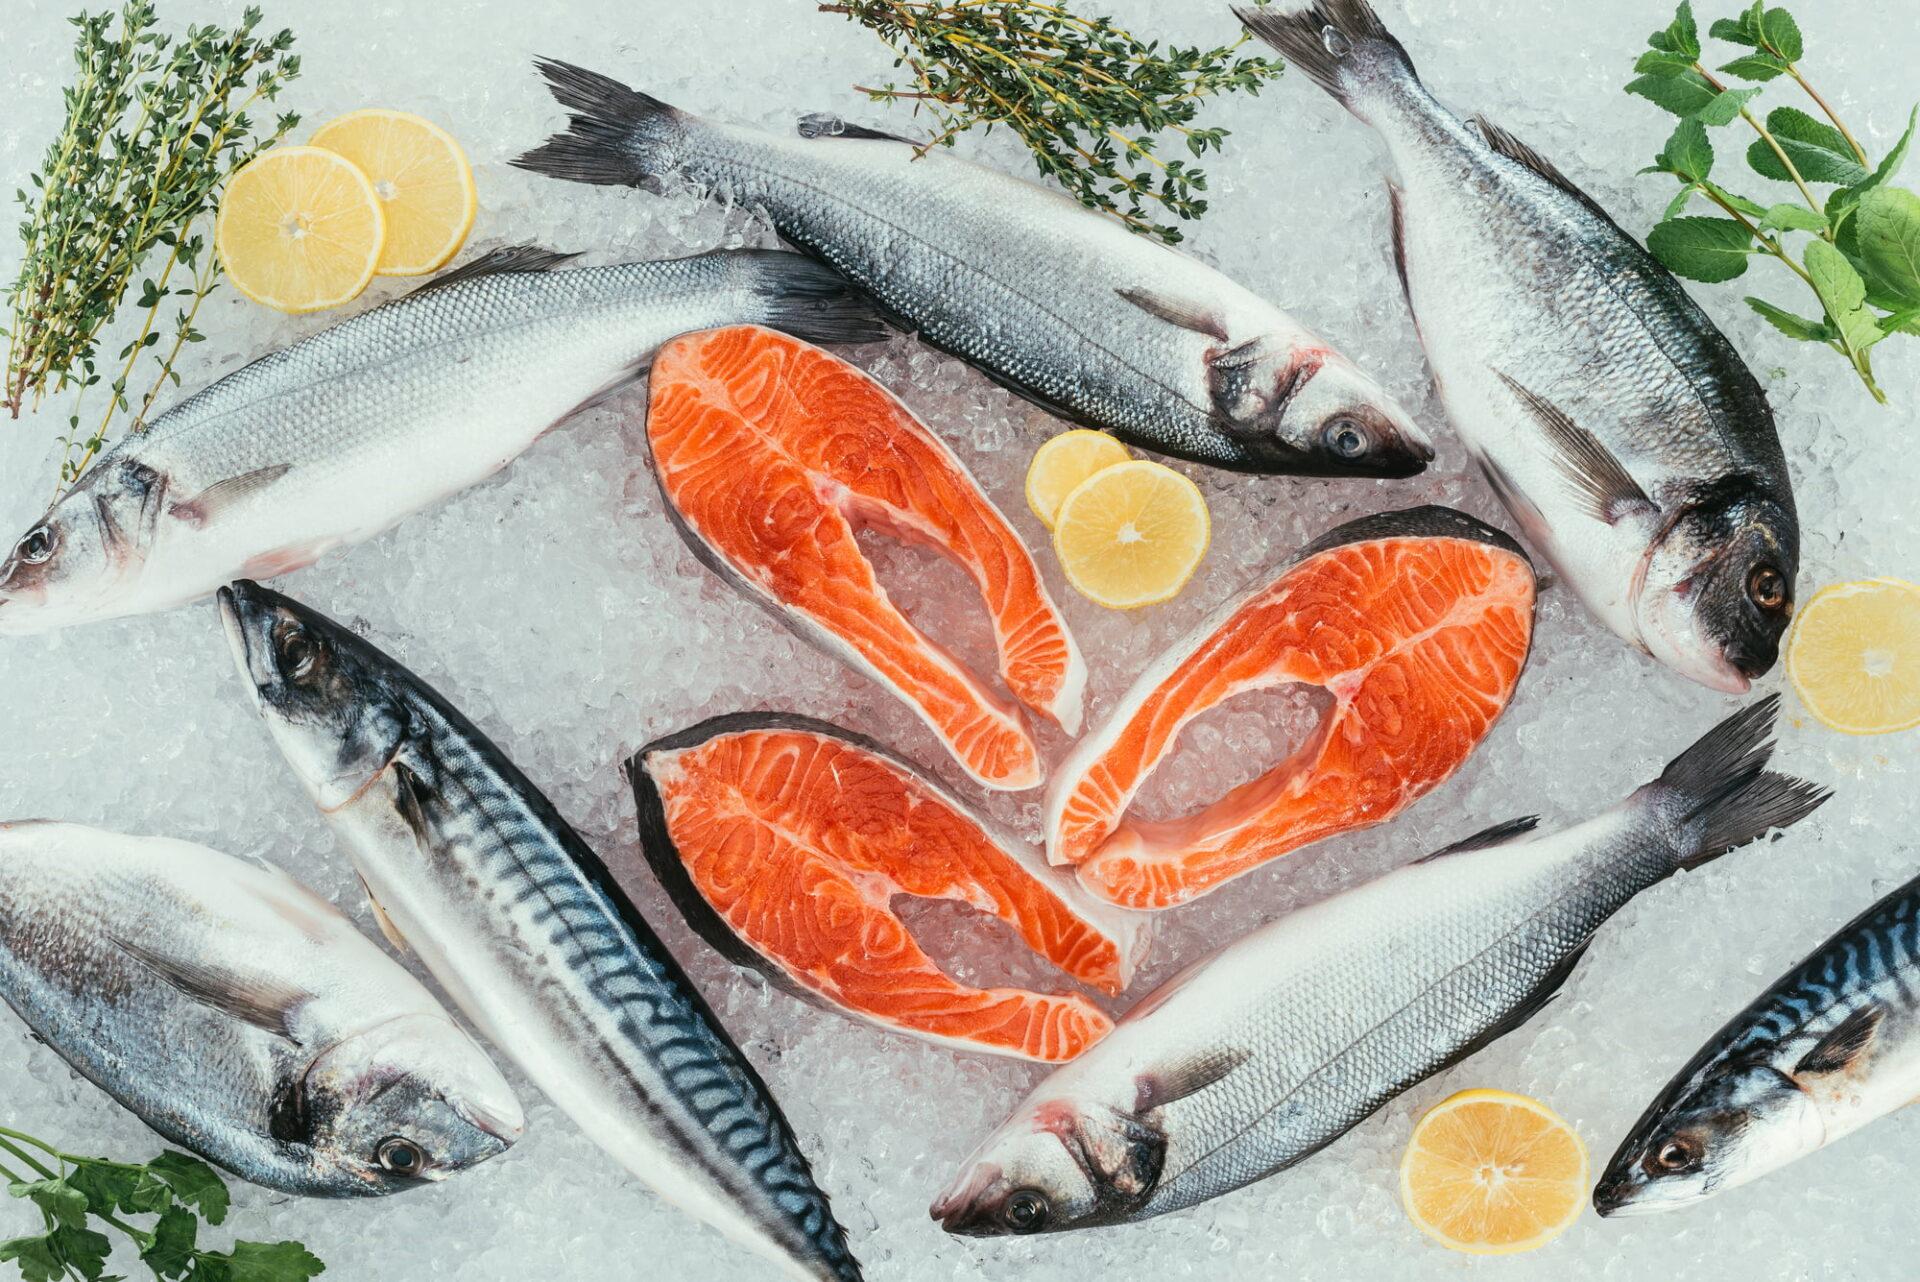 Wild caught alaskan salmon